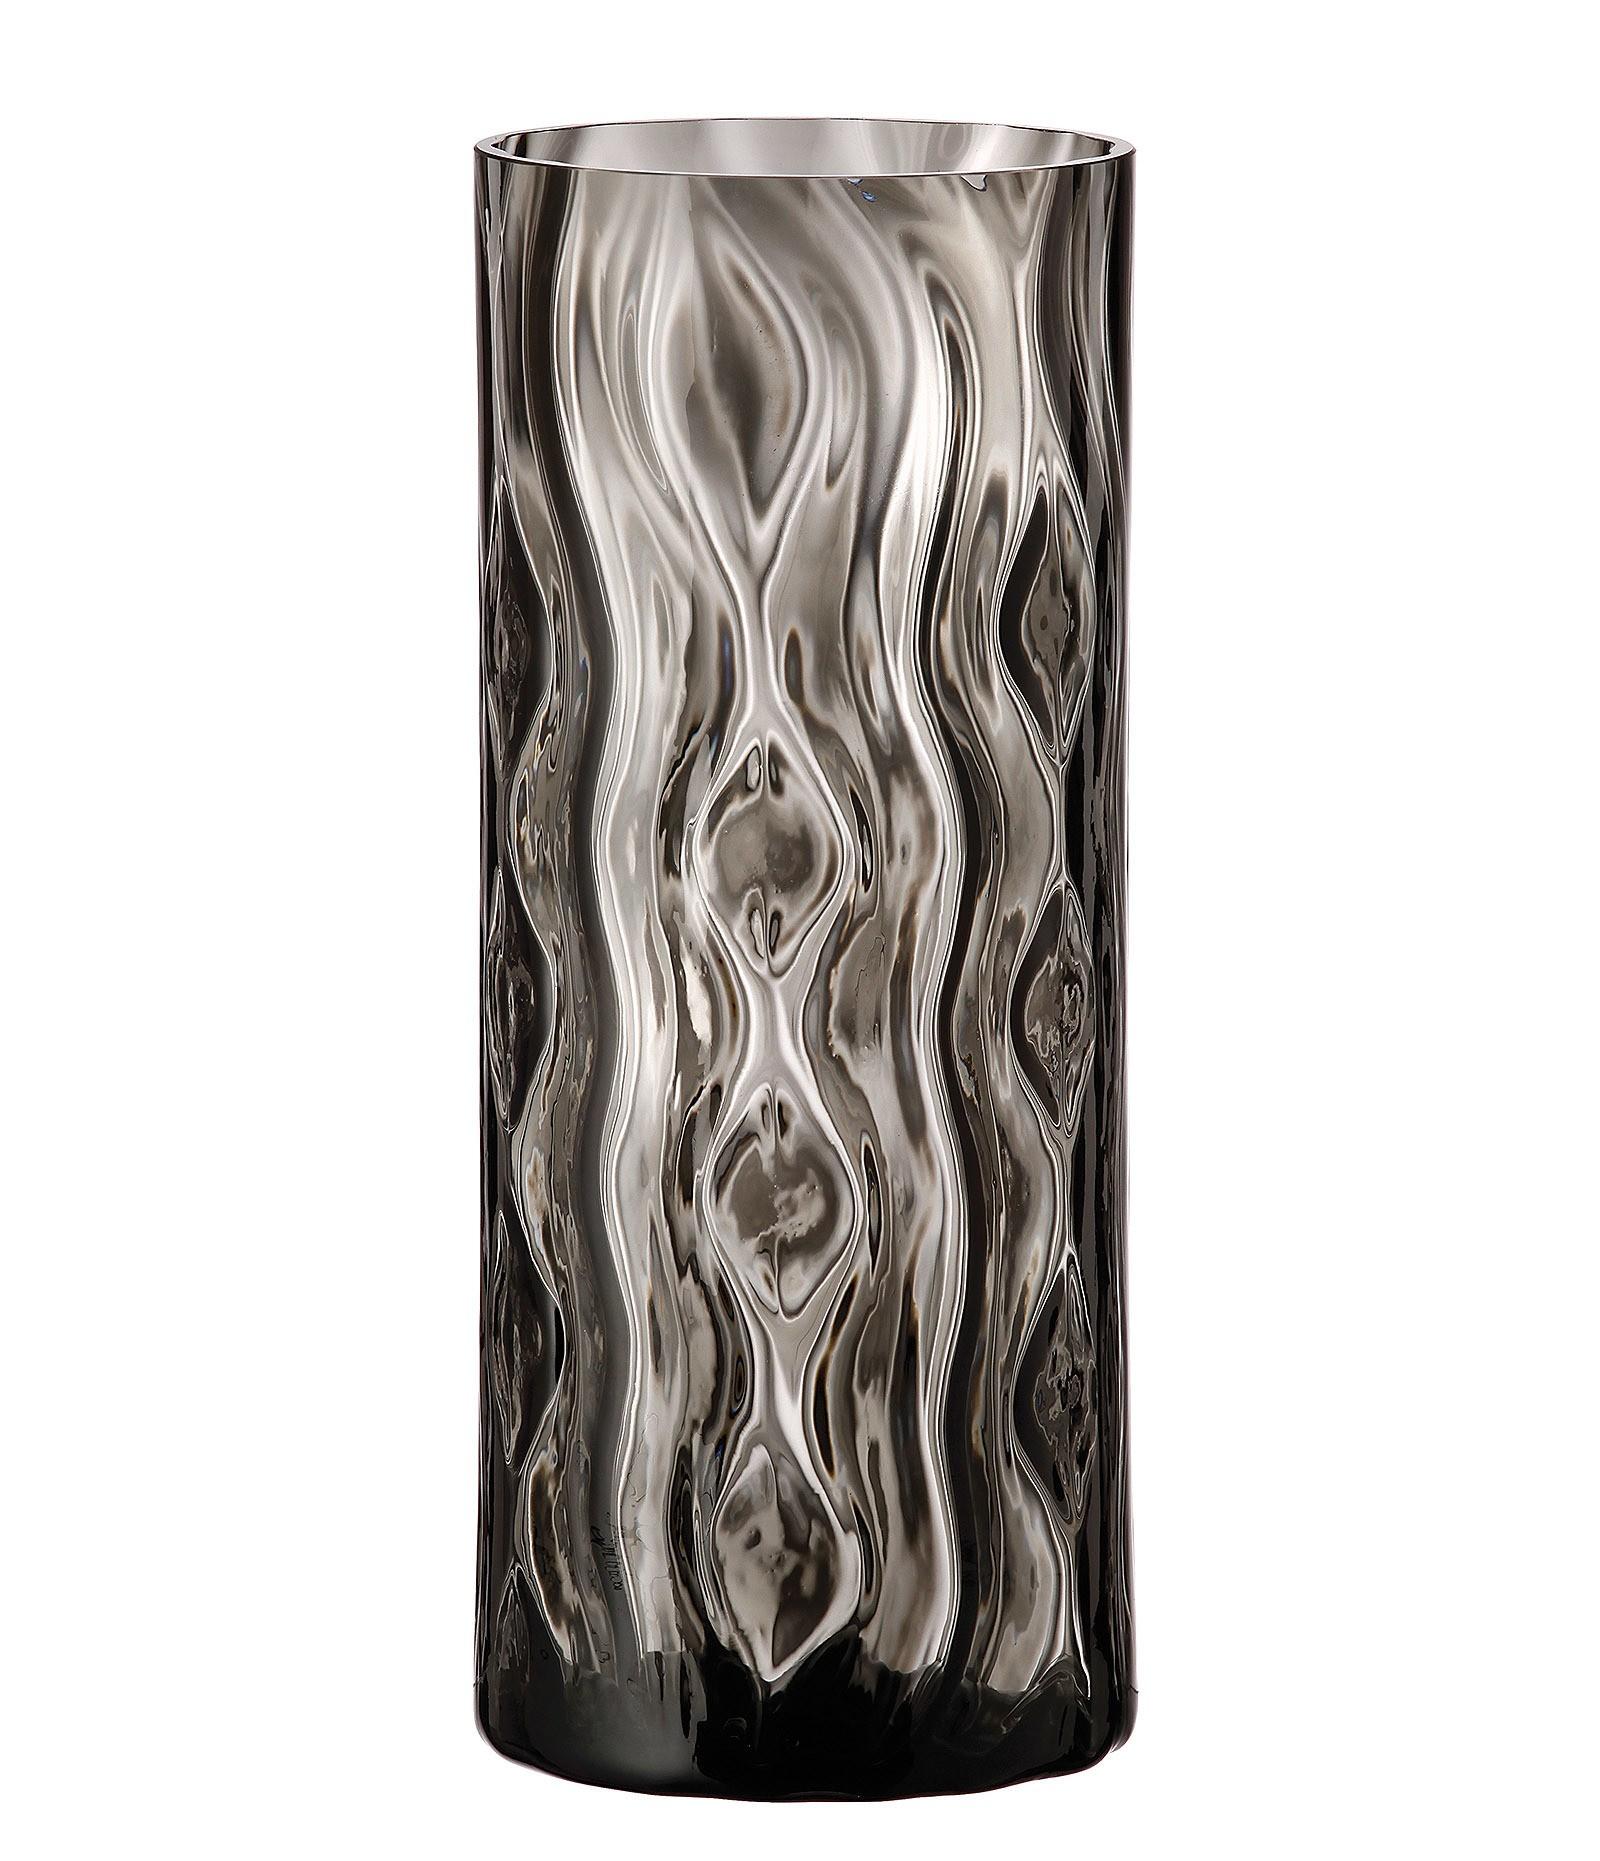 Ανθοδοχείο Optic Rhythm Black Bohemia Κρυστάλλινο 29cm home   κρυσταλλα  διακοσμηση   κρύσταλλα